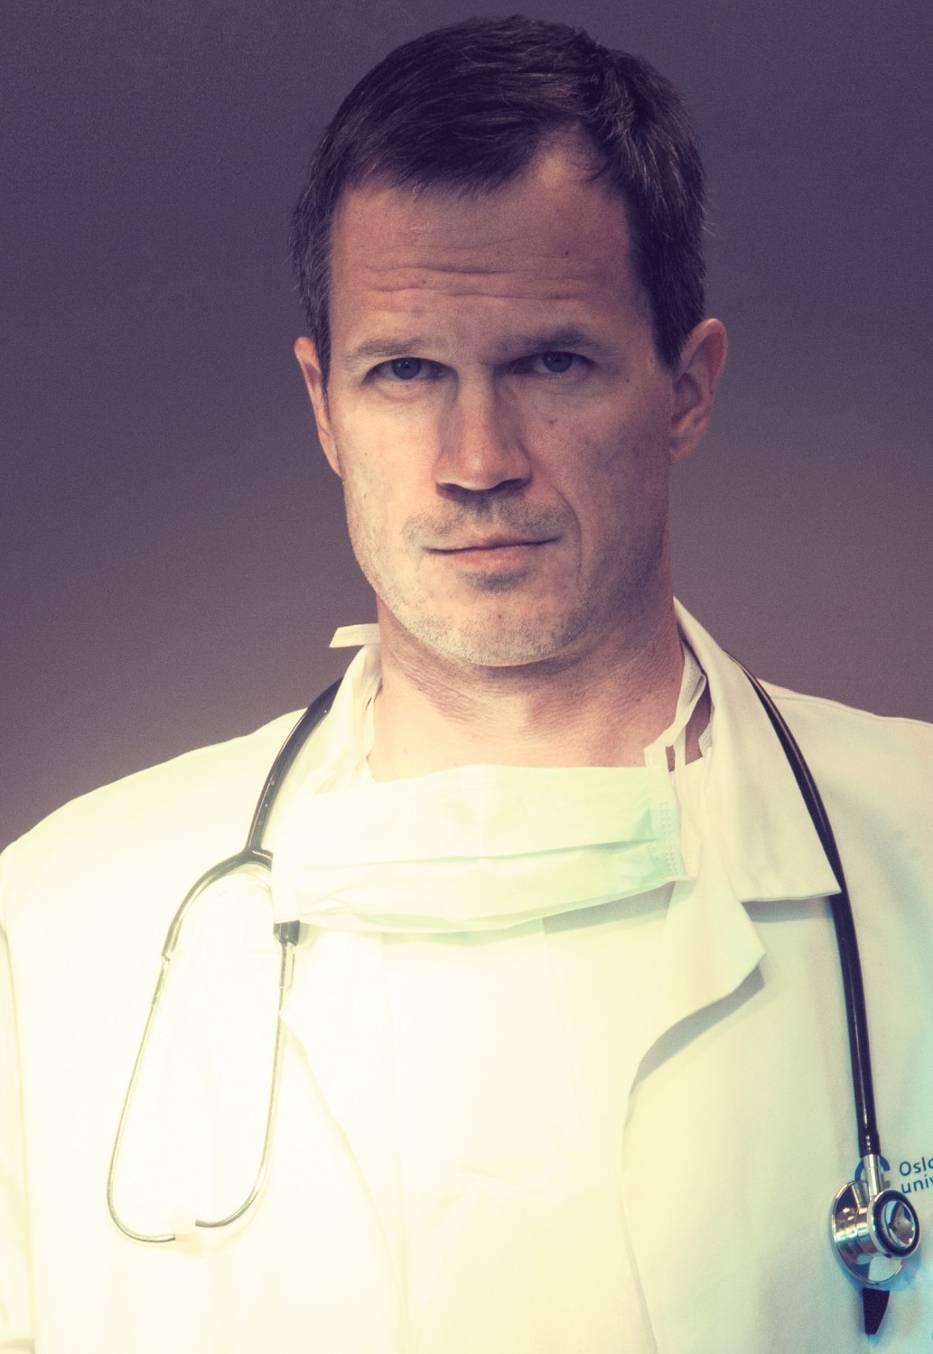 Christer Mjaset - wywiad z neurochirurgiem o kulisach pracy i świata lekarzy [ROZMOWA NM]